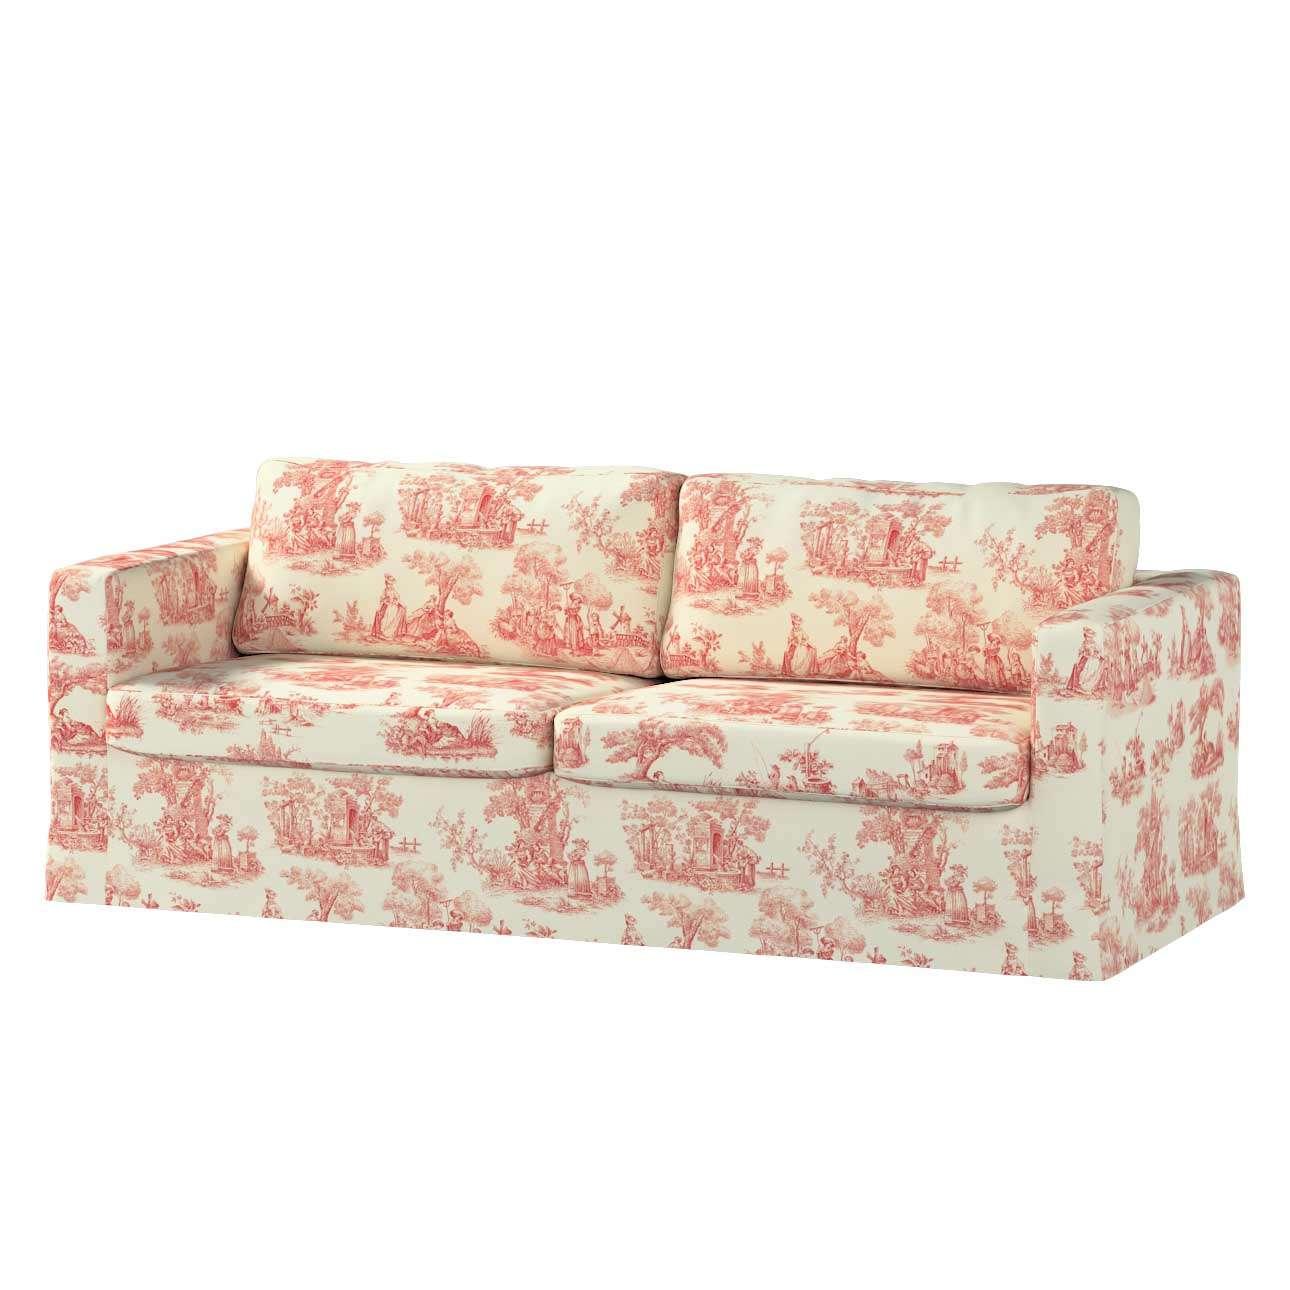 Karlstad klädsel 3-pers. soffa -  lång - 204cm i kollektionen Avinon, Tyg: 132-15